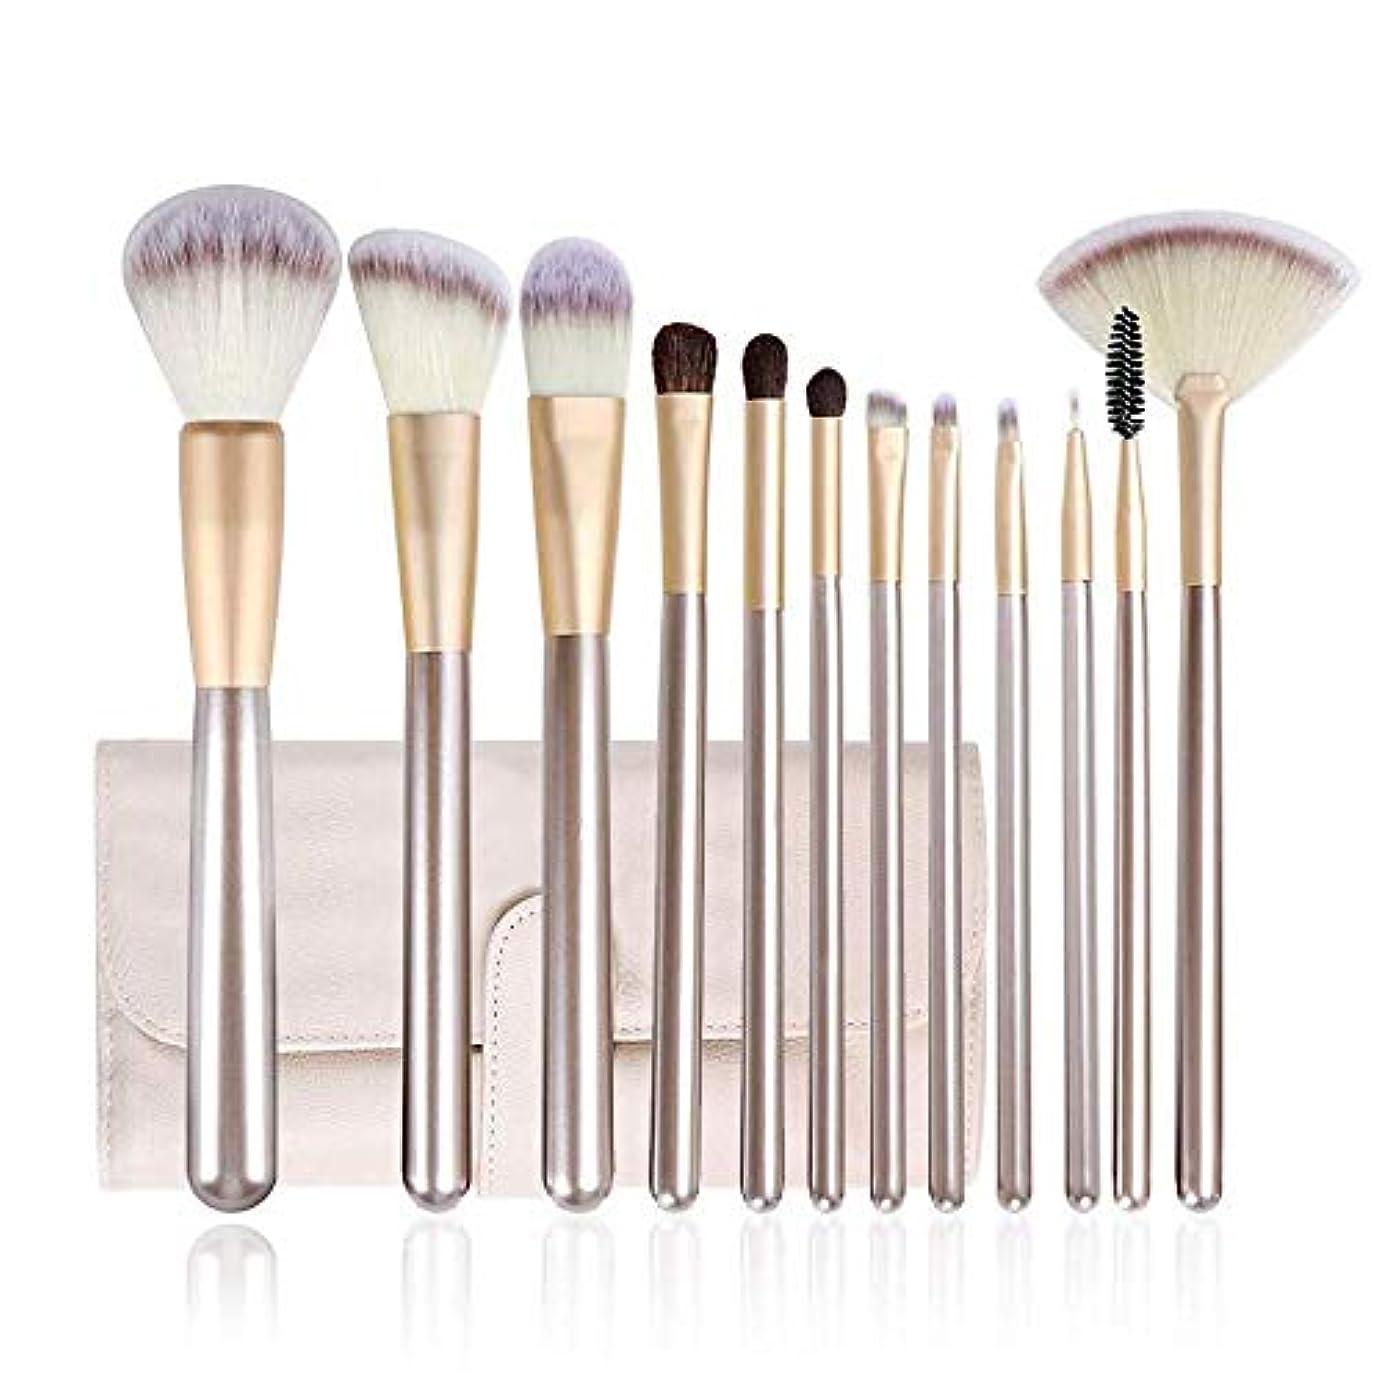 望み装置ギャラントリーUnivivi メイクブラシ 12本セット 化粧筆 フェイスブラシ パウダー アイシャドー ブラシ 専用ポーチ付き 化粧ブラシ 人気